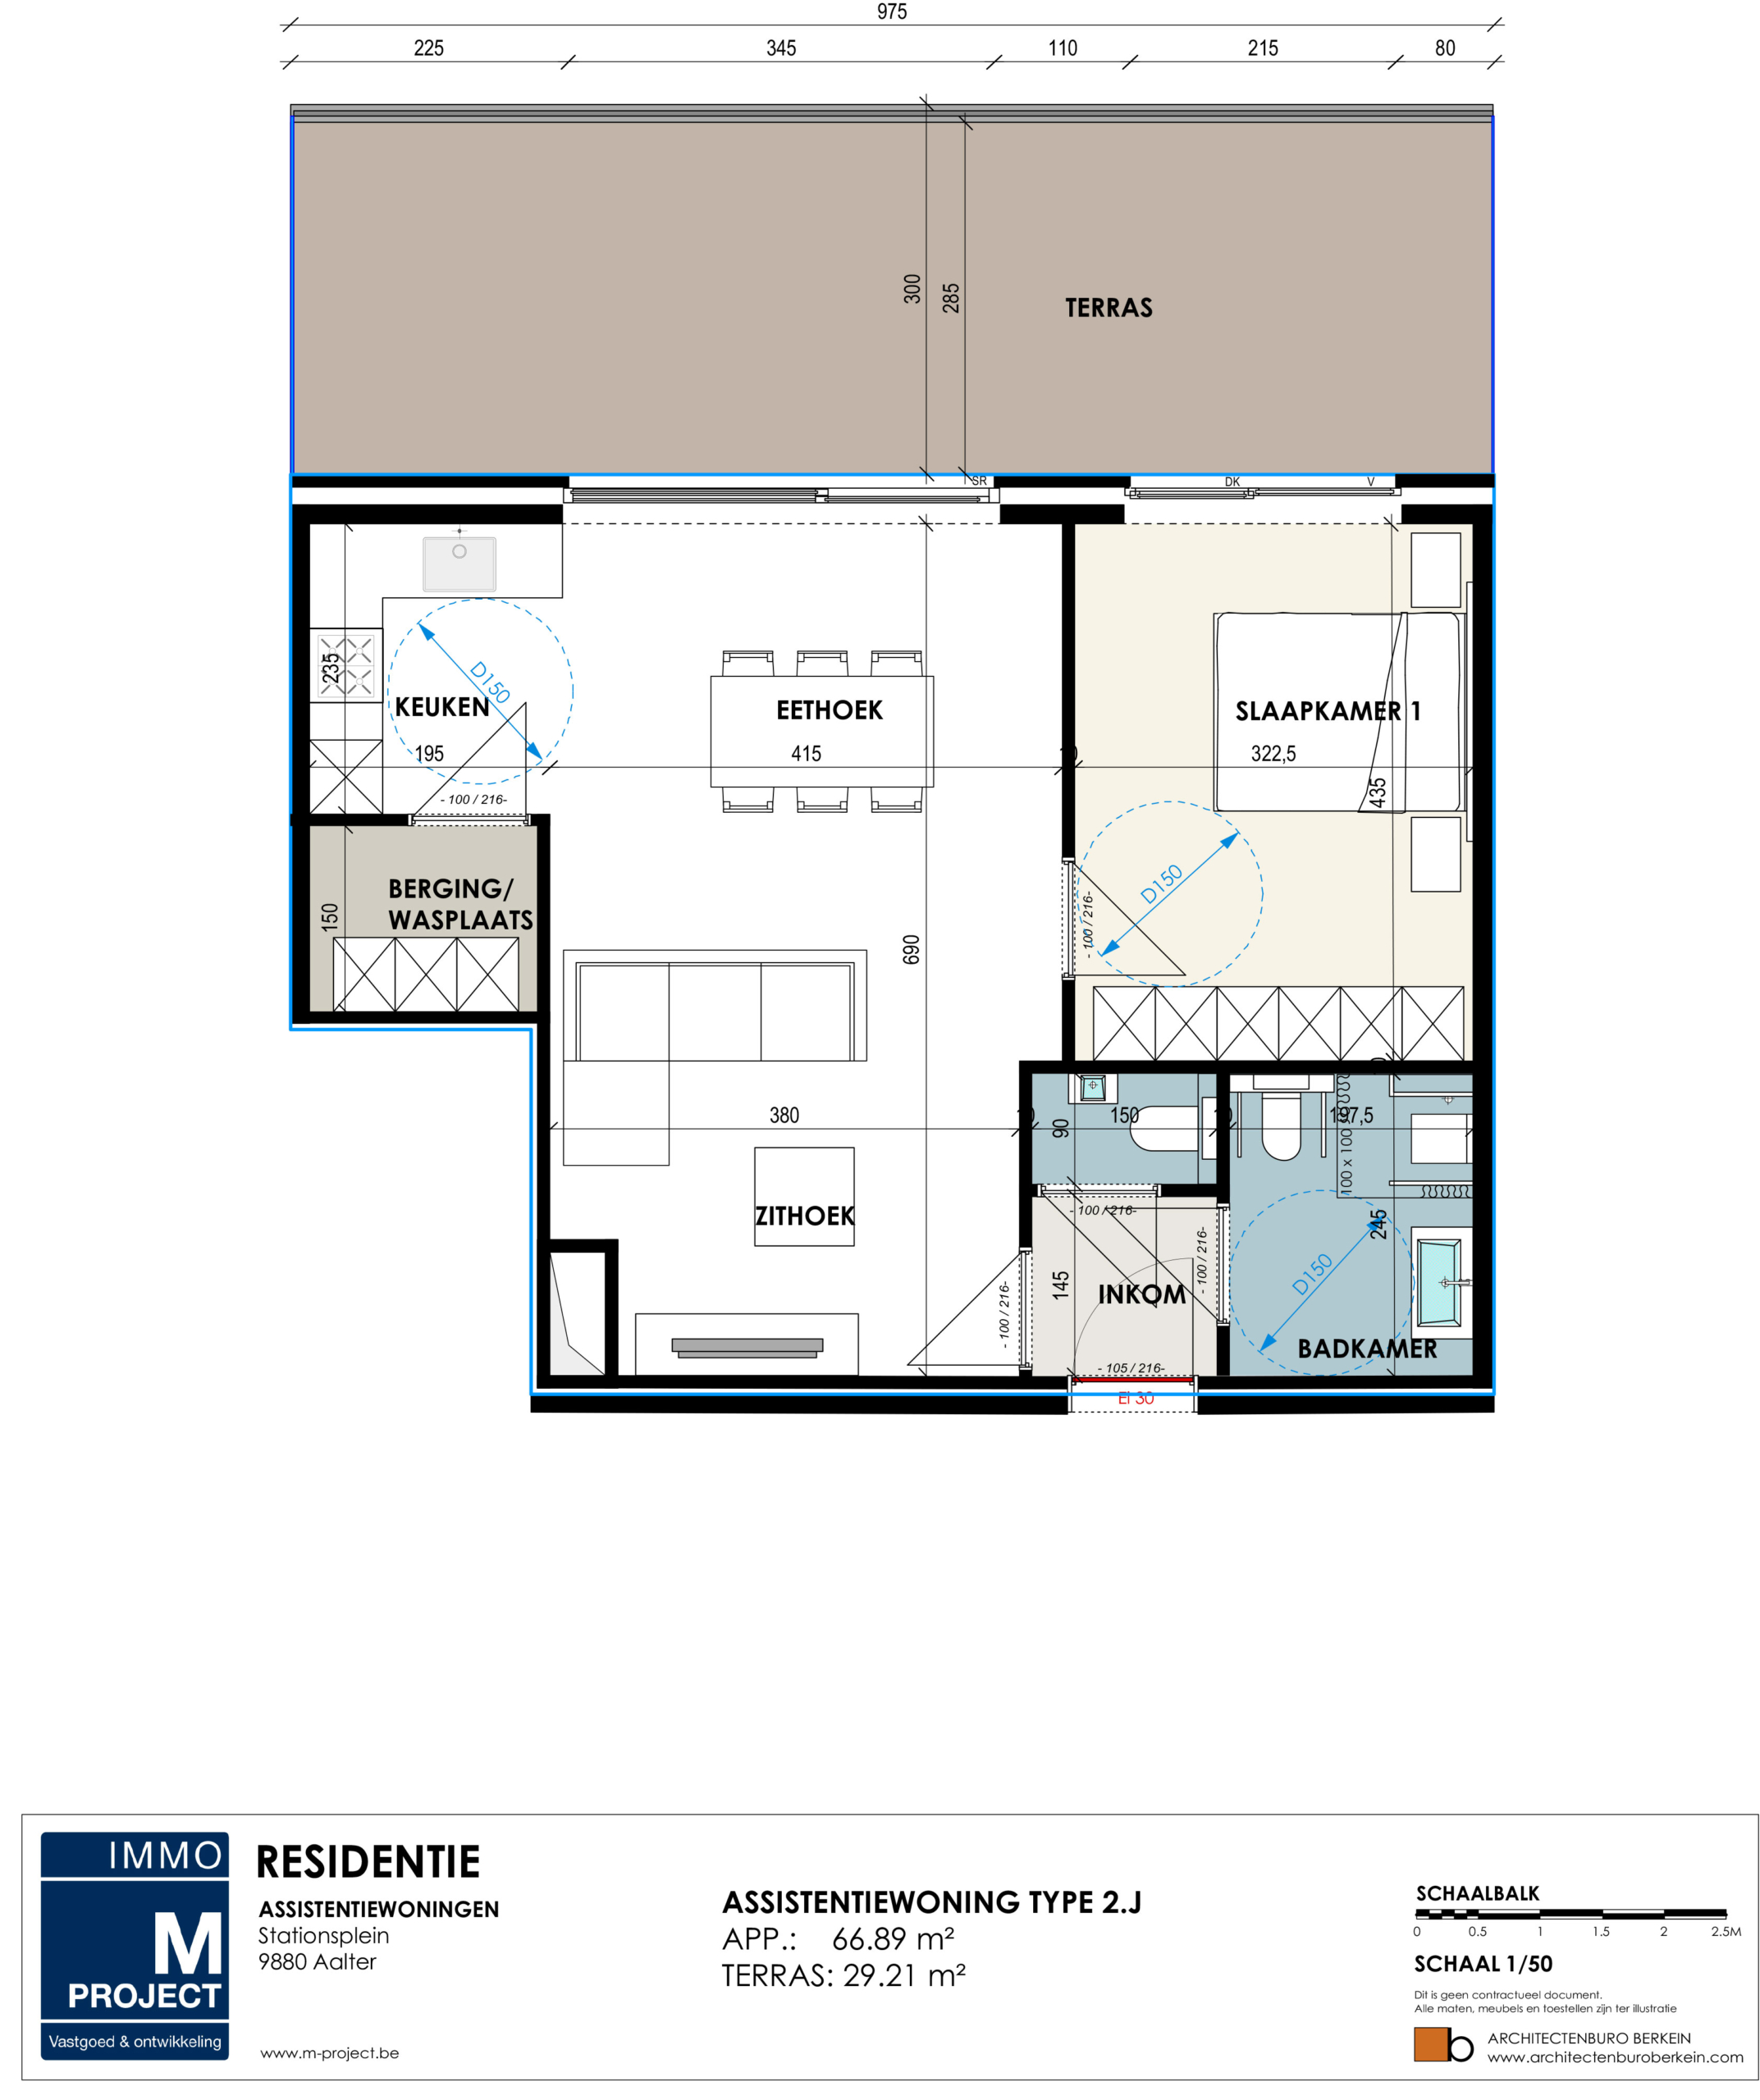 ruime assistentiewoning, nieuwsbouw Residentie Academie - appartement type 2J